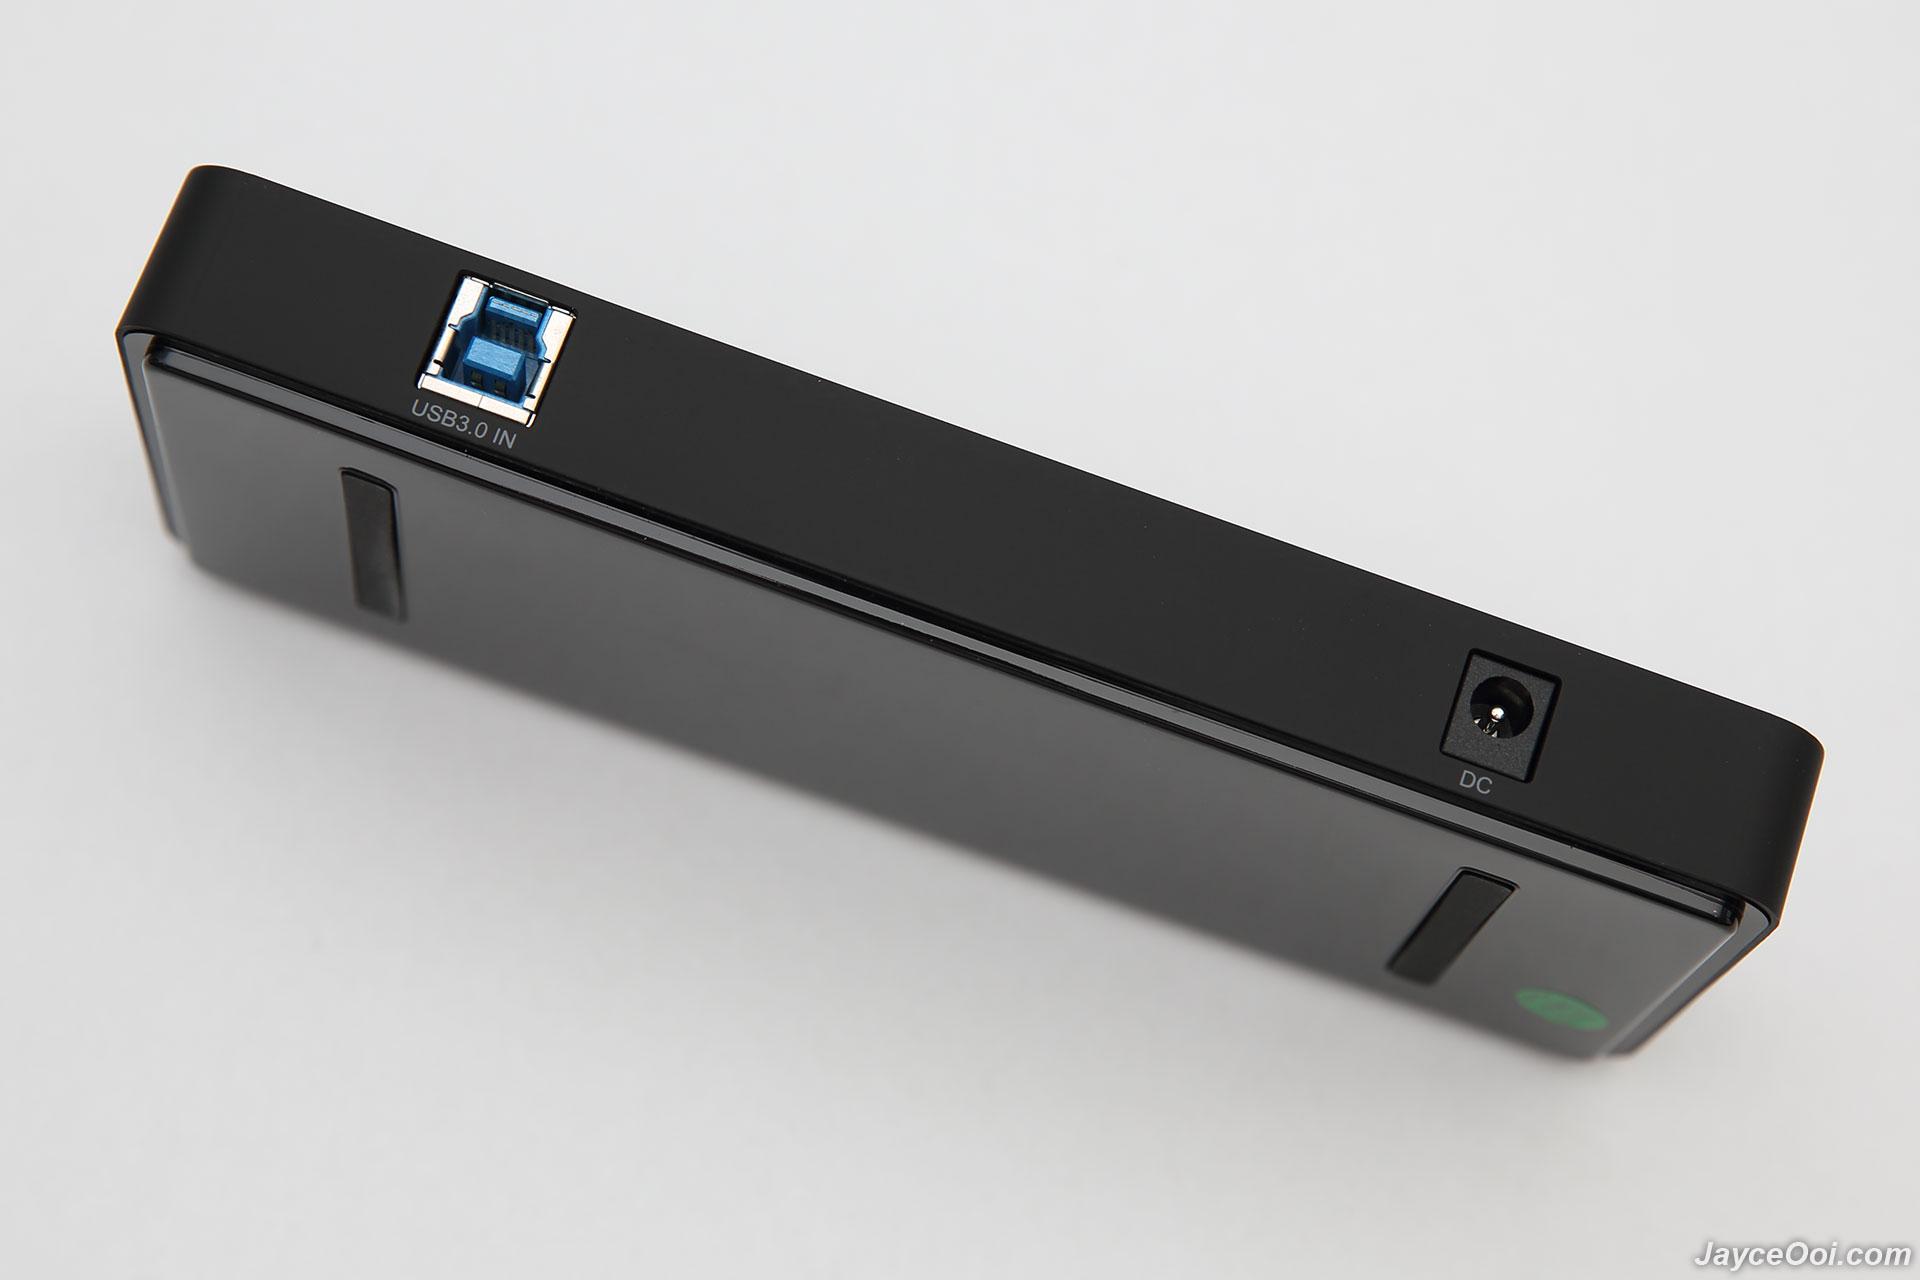 Qicent 7 Port Usb 3 0 Hub Review Jayceooi Com